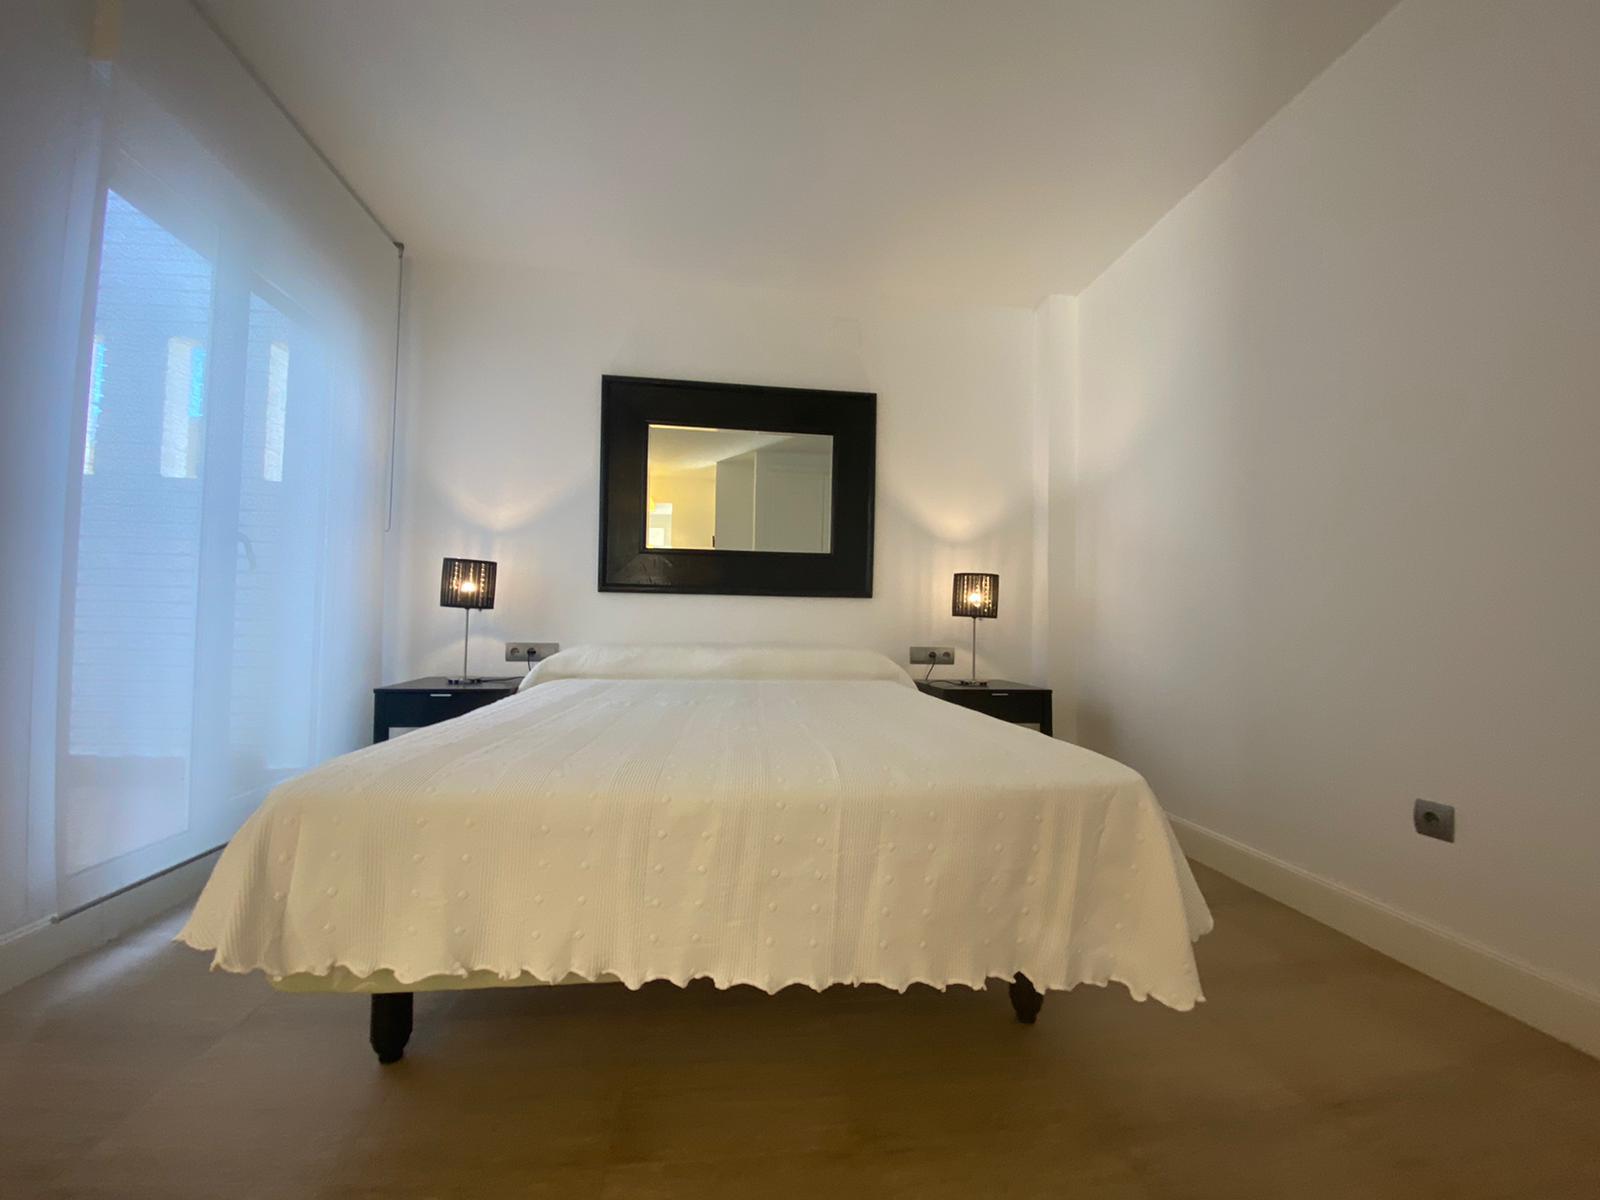 Imagen 7 del Apartamento Turístico, Ático 1 Levante (3d+2b), Punta del Moral (HUELVA), Paseo de la Cruz nº22